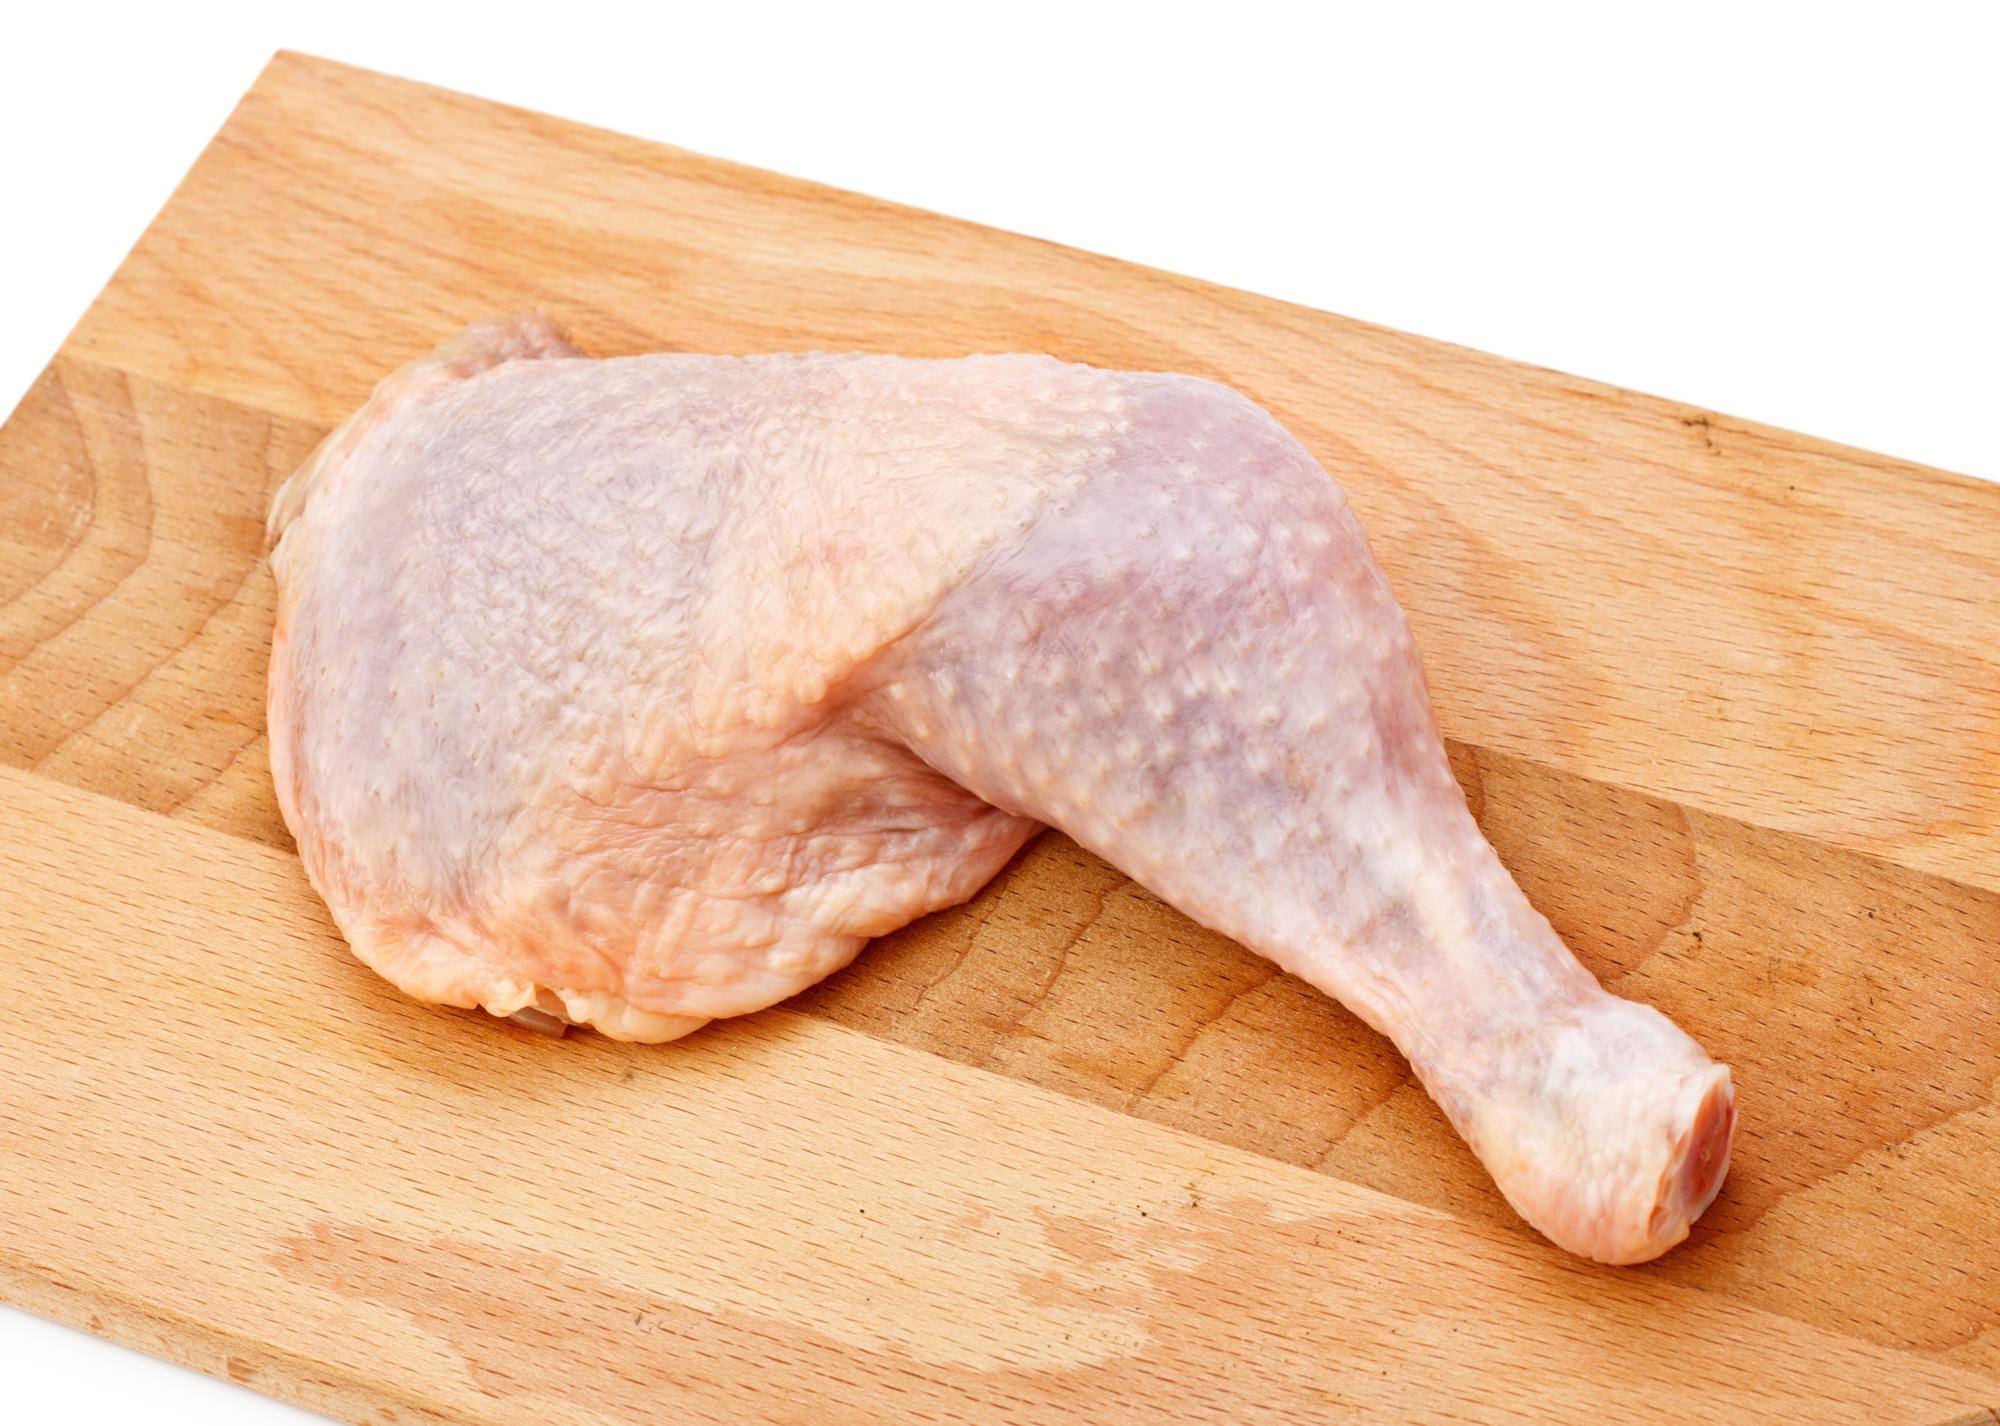 Rendimento de carcaça e cortes de frangos com oferta alimentar equalizada